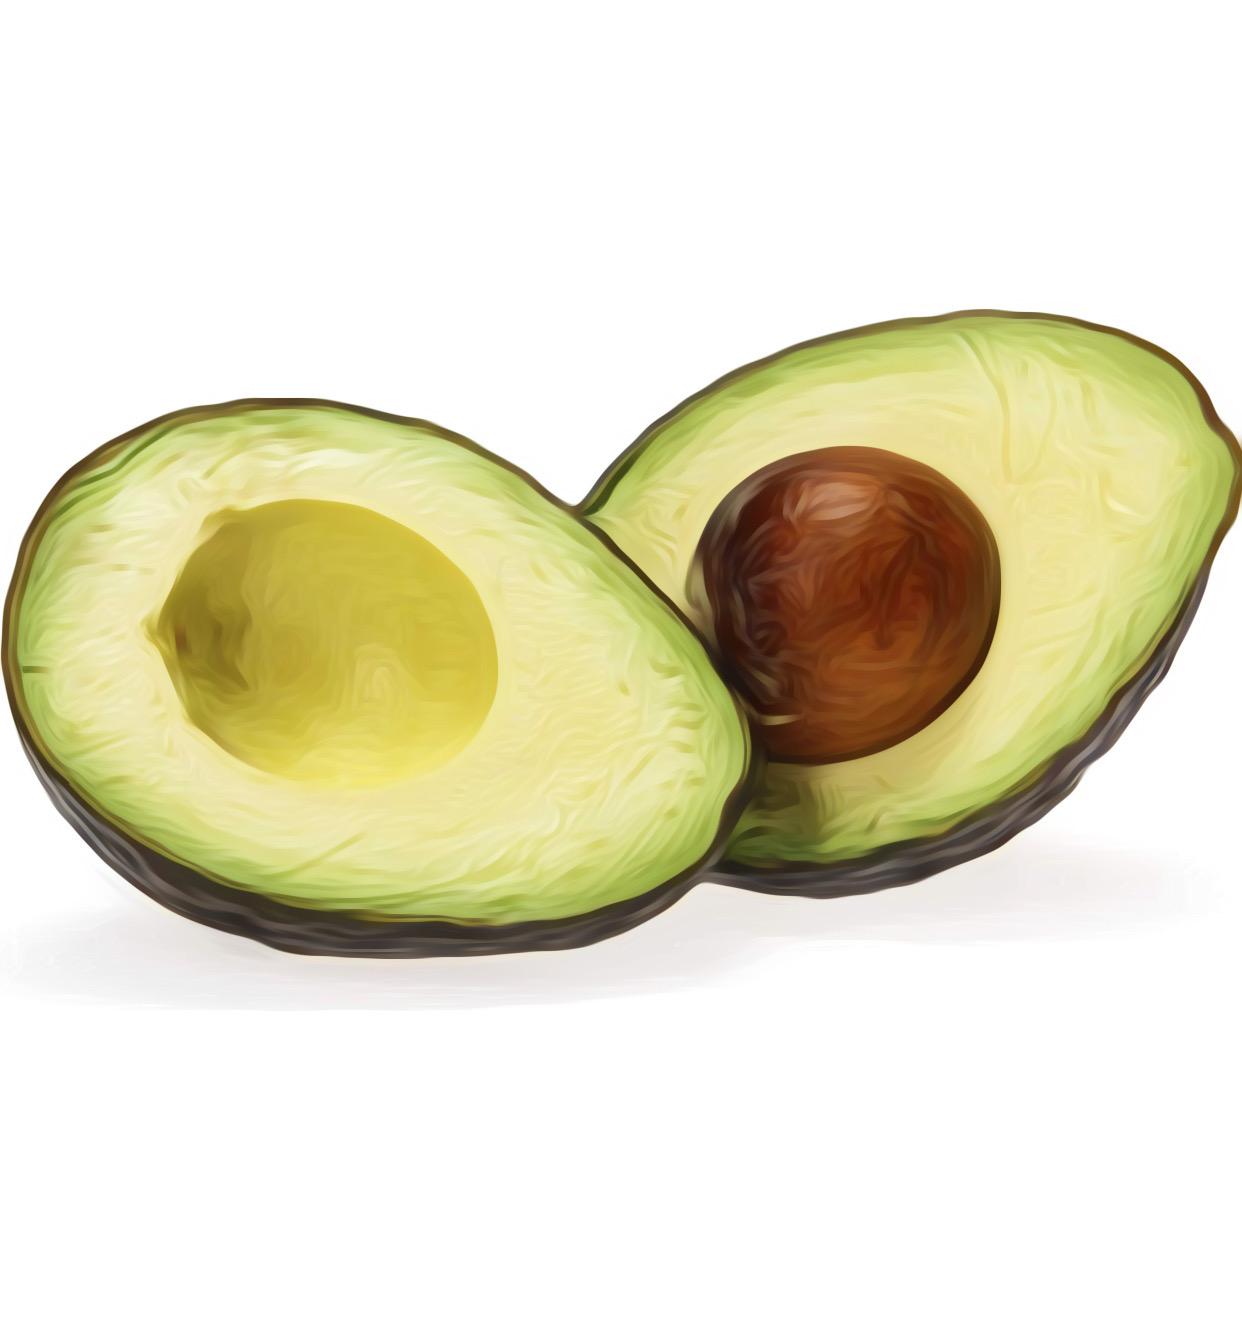 Avocado - The nutritious fatty fruit!